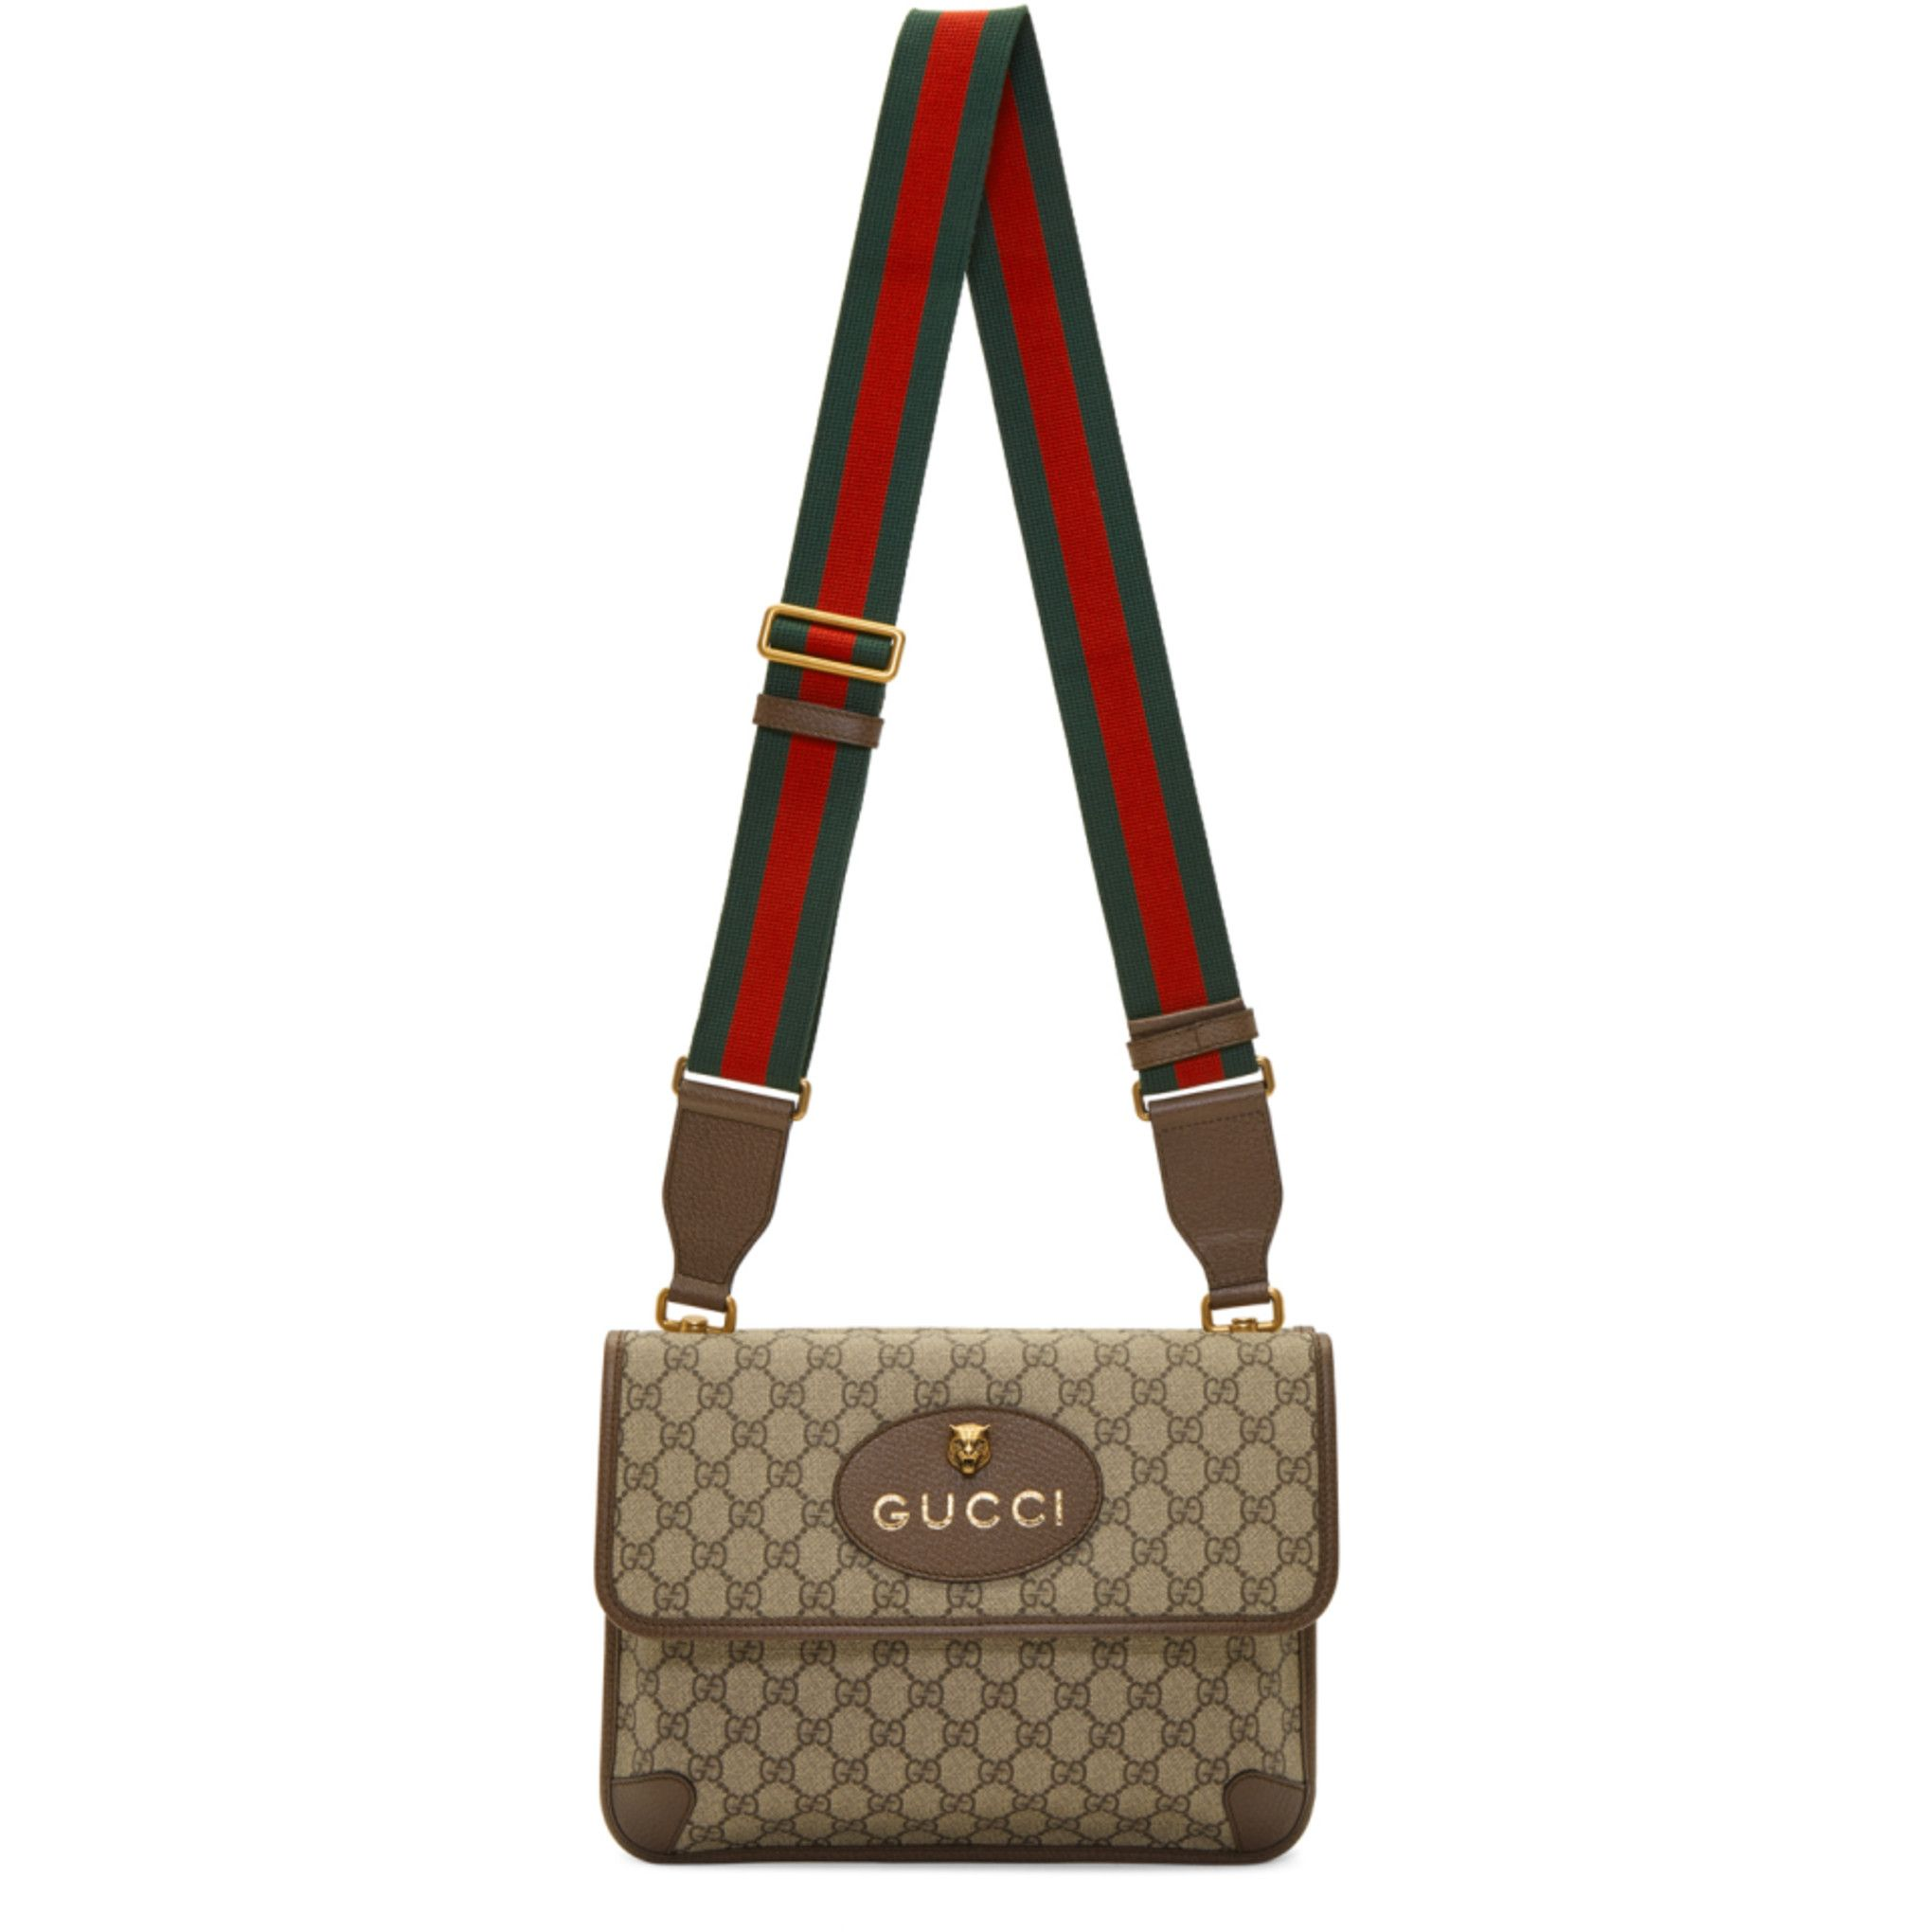 6c74ceef2895 Gucci Beige Neo Vintage Foldover Bag i 2019 | Väskor | Foldover bag ...